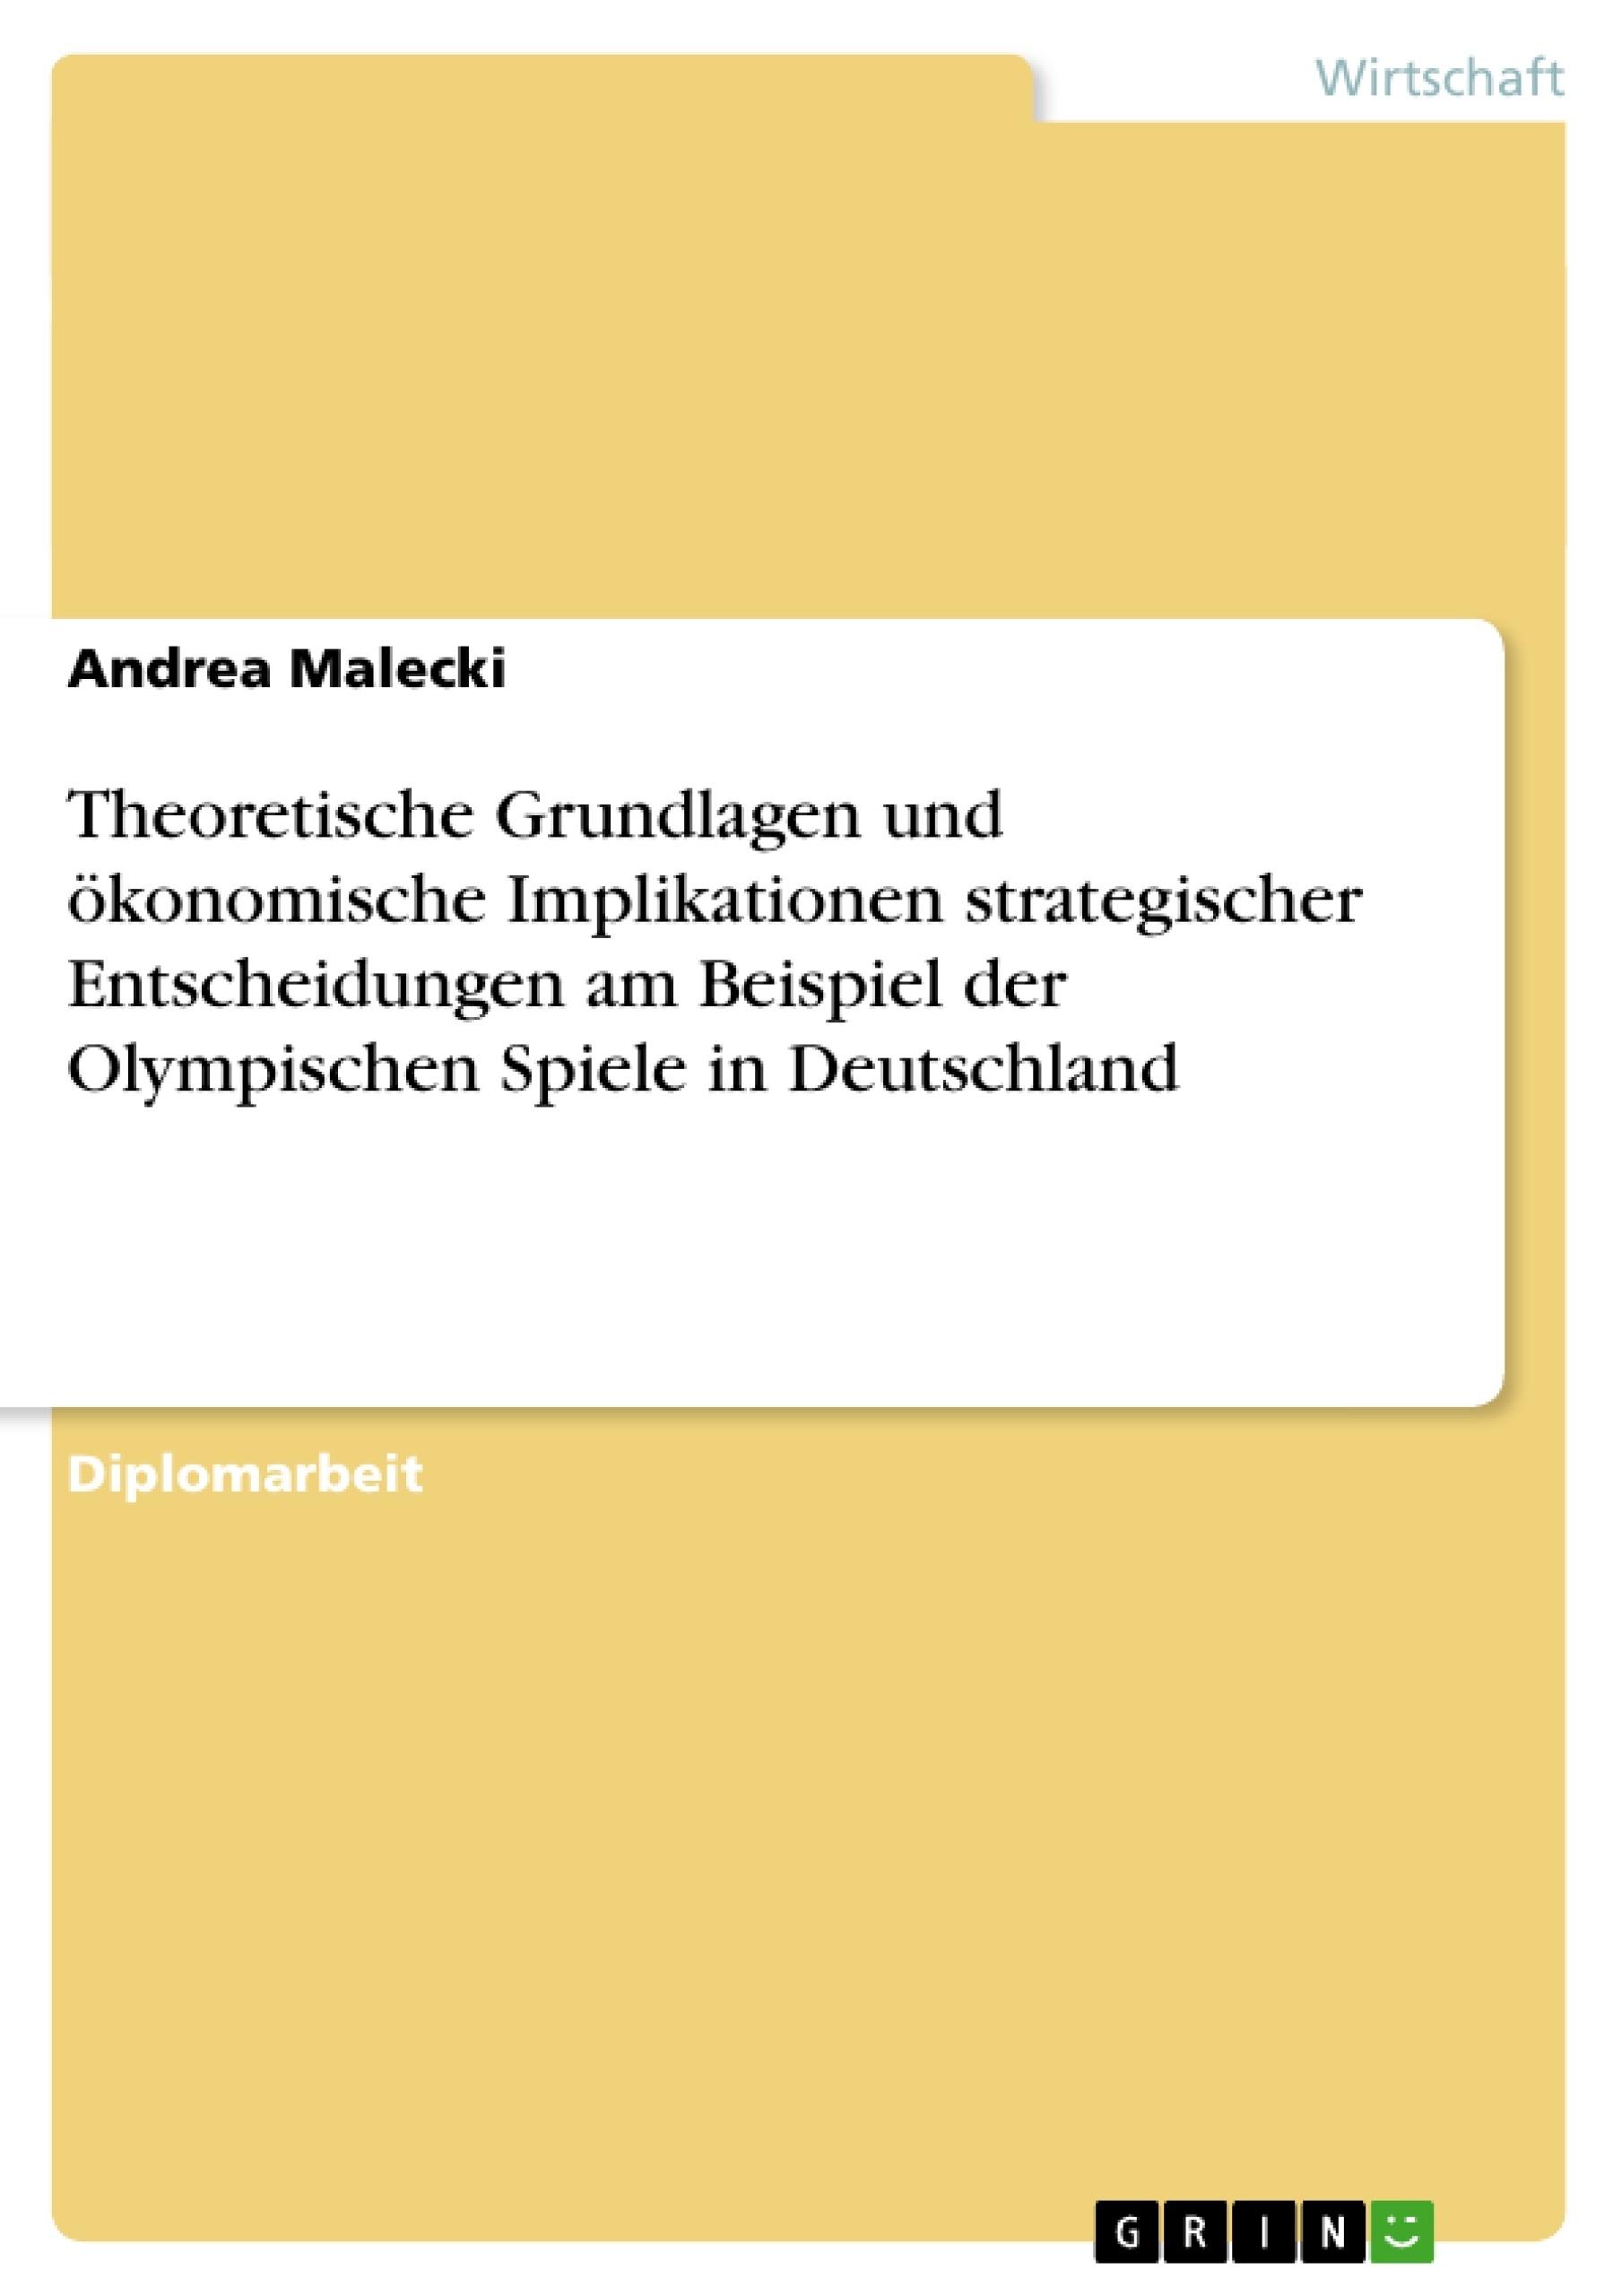 Titel: Theoretische Grundlagen und ökonomische Implikationen strategischer Entscheidungen am Beispiel der Olympischen Spiele in Deutschland